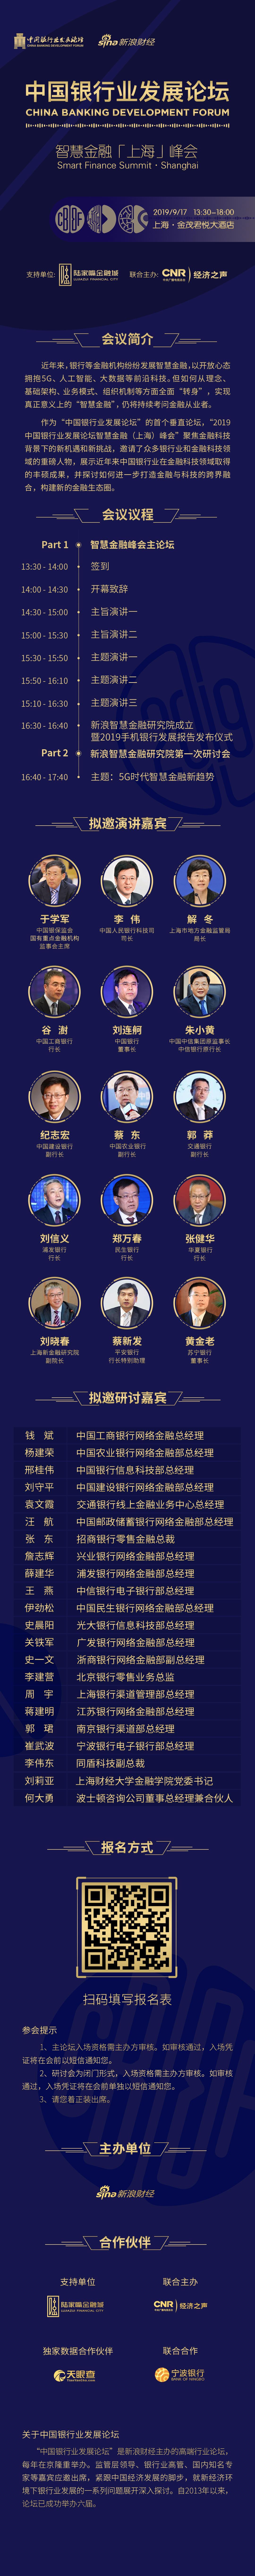 2019中国银行业发展论坛智慧金融(上海)峰会即将召开